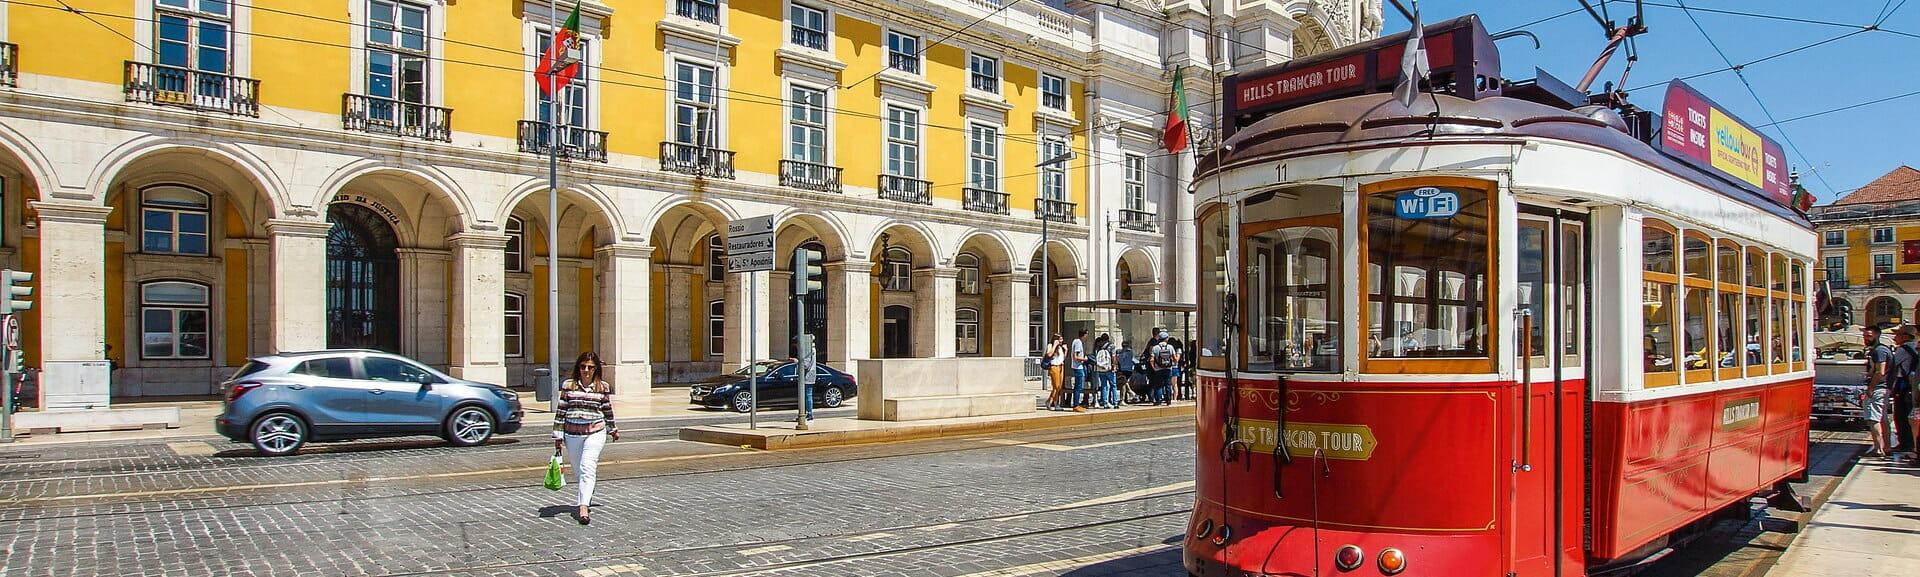 Klassenfahrt Lissabon elektrische Straßenbahn